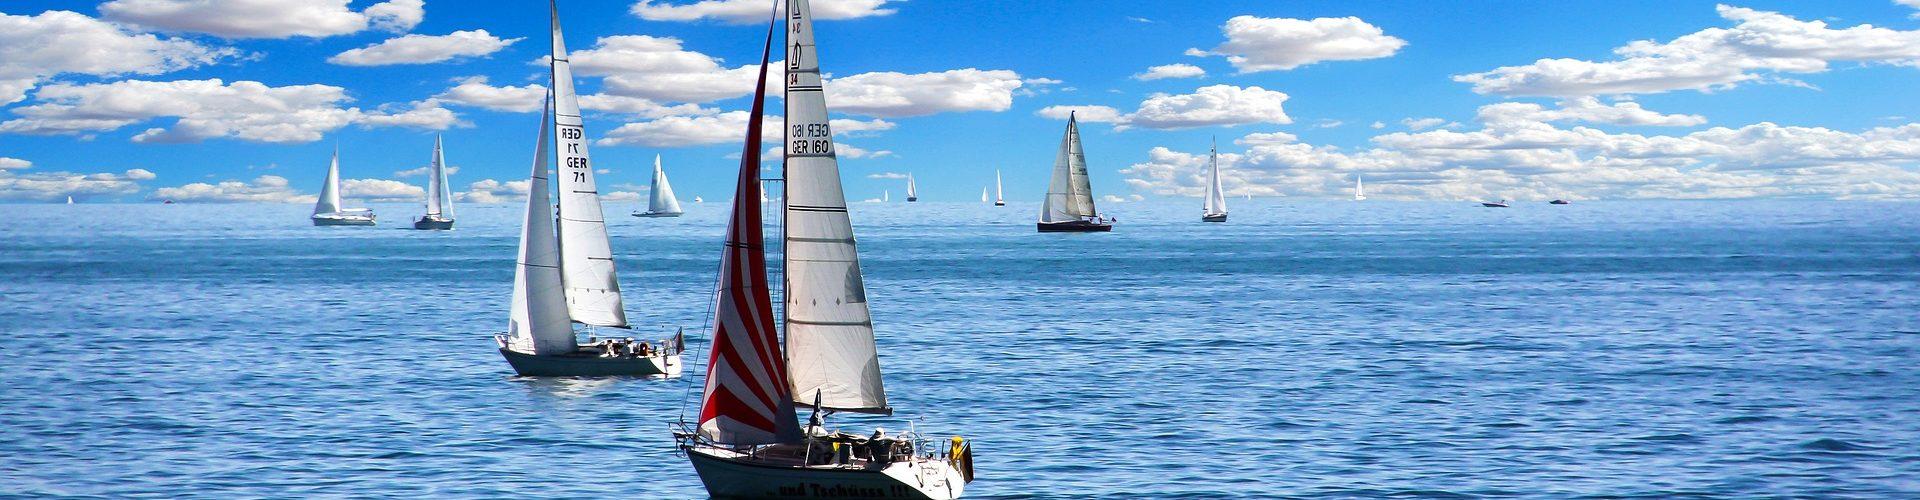 segeln lernen in Rottweil segelschein machen in Rottweil 1920x500 - Segeln lernen in Rottweil